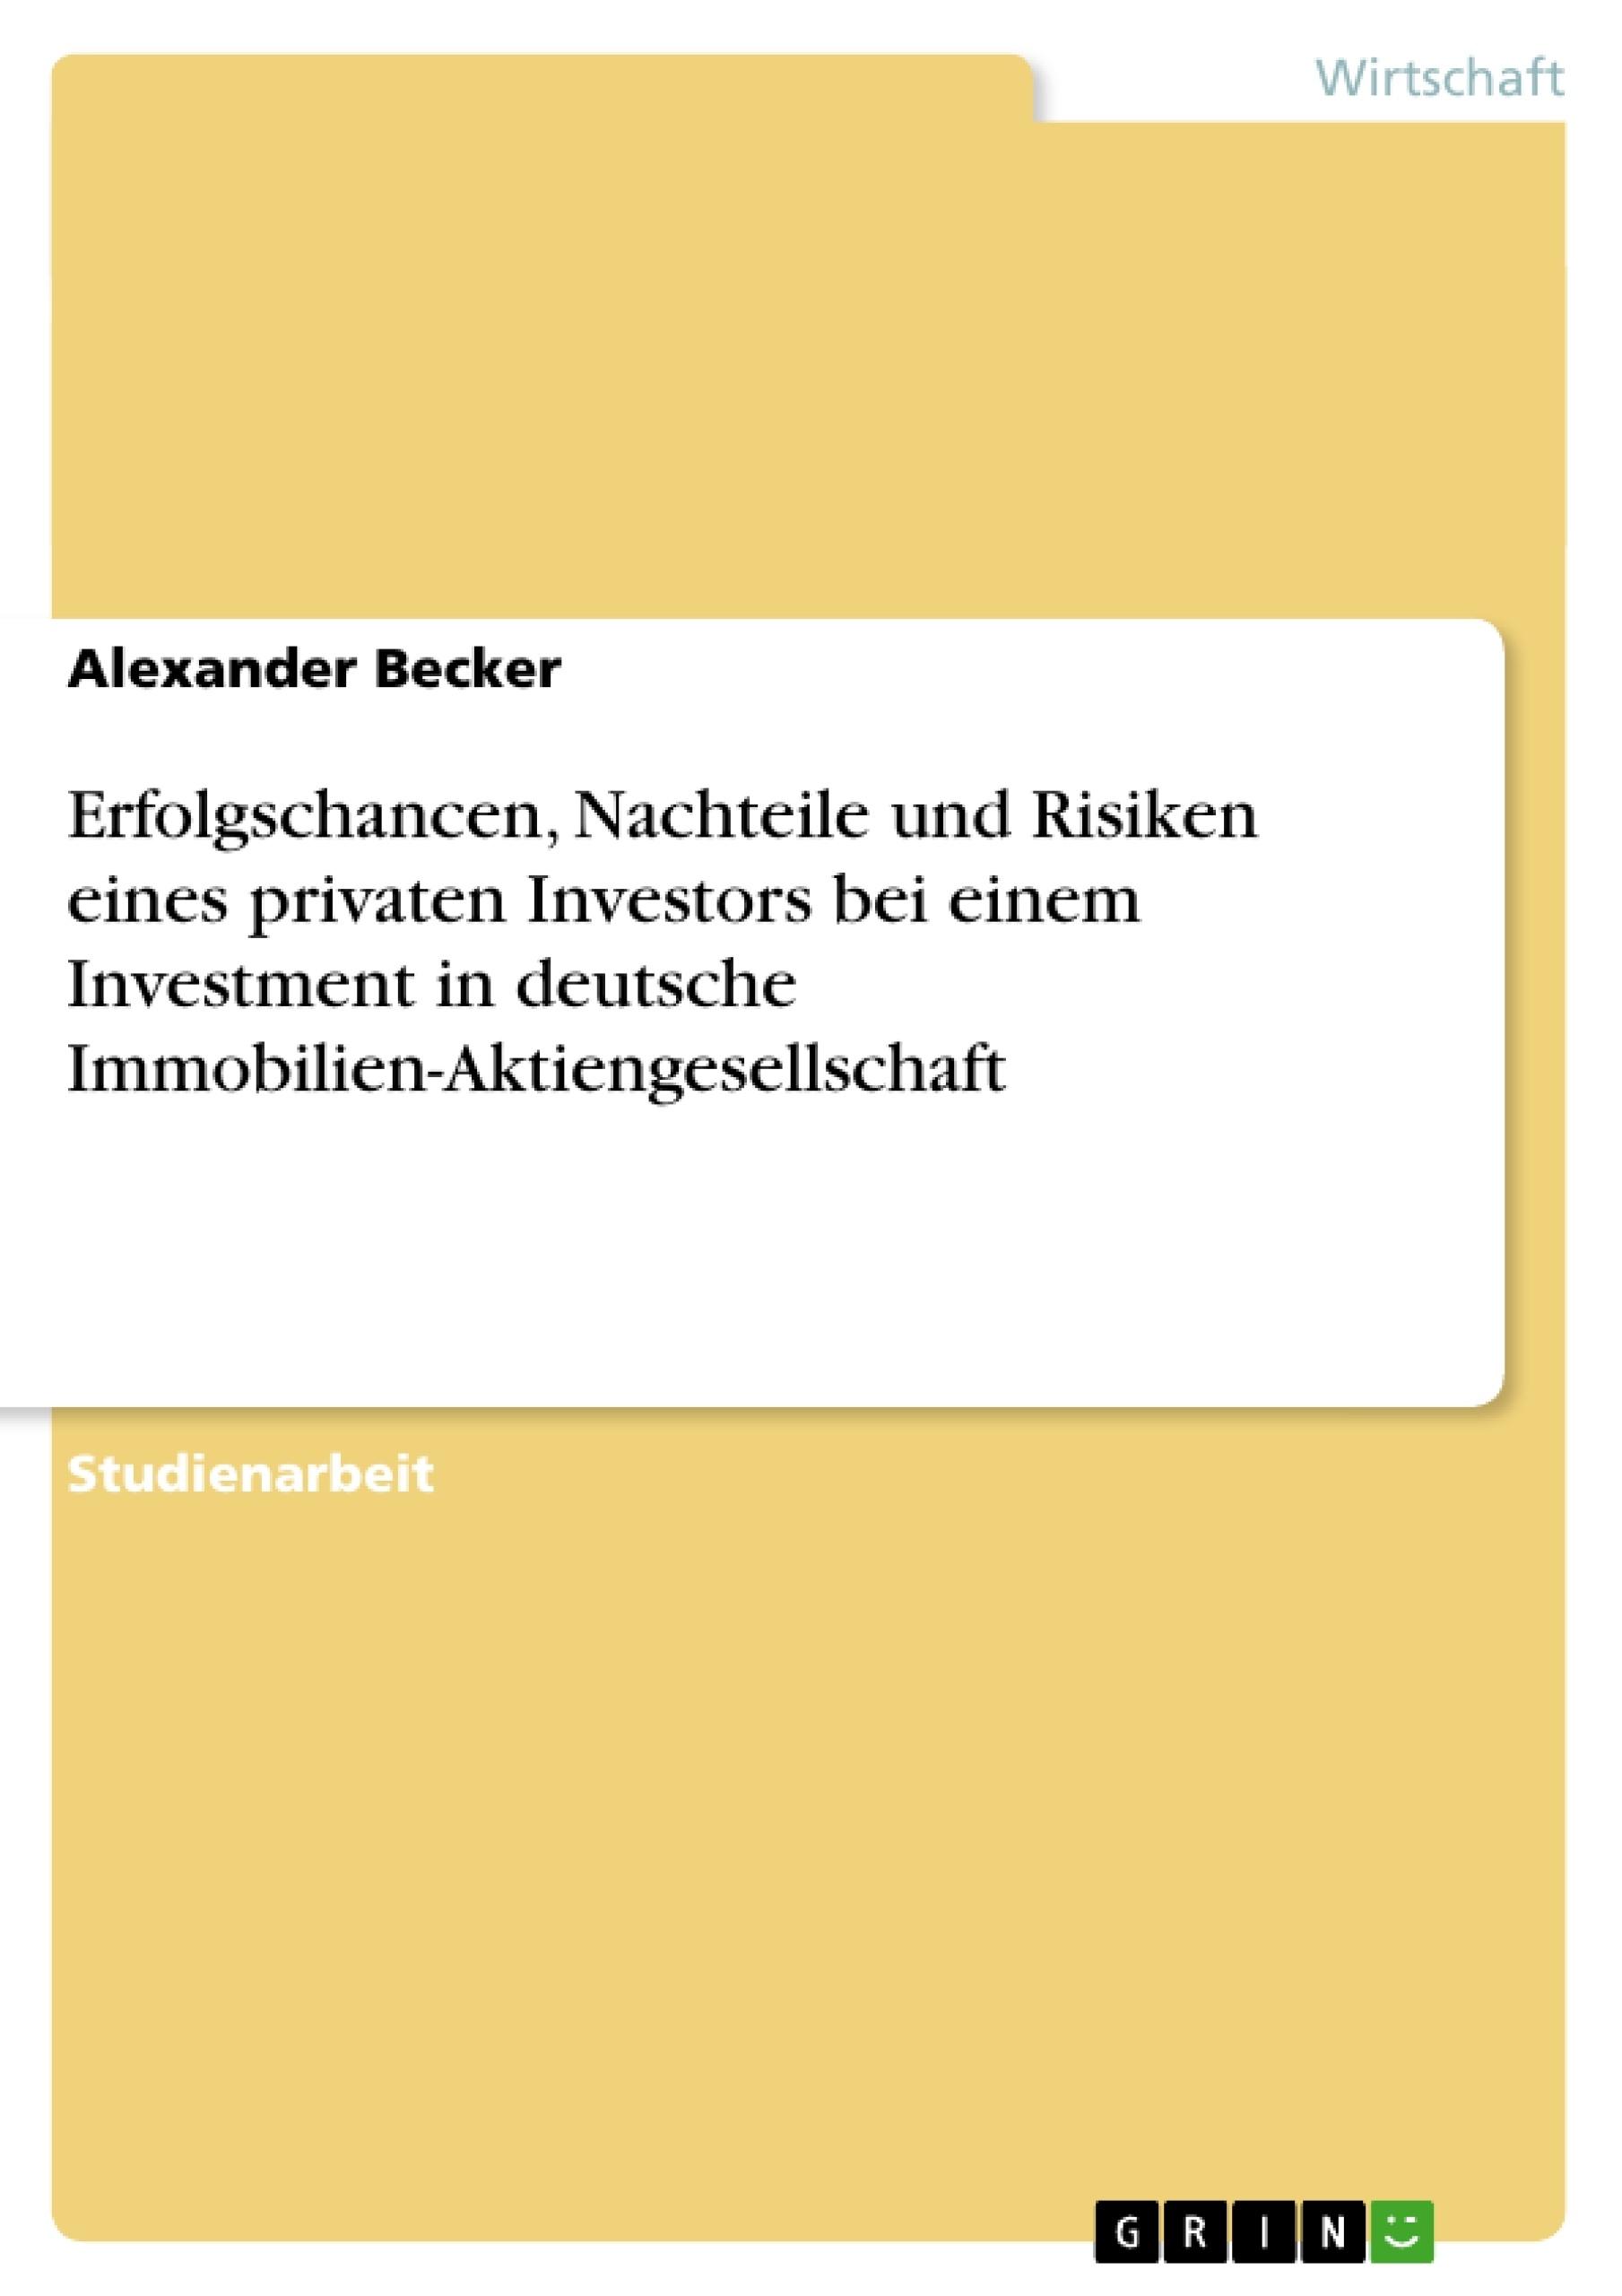 Titel: Erfolgschancen, Nachteile und Risiken eines privaten Investors bei einem Investment in deutsche Immobilien-Aktiengesellschaft